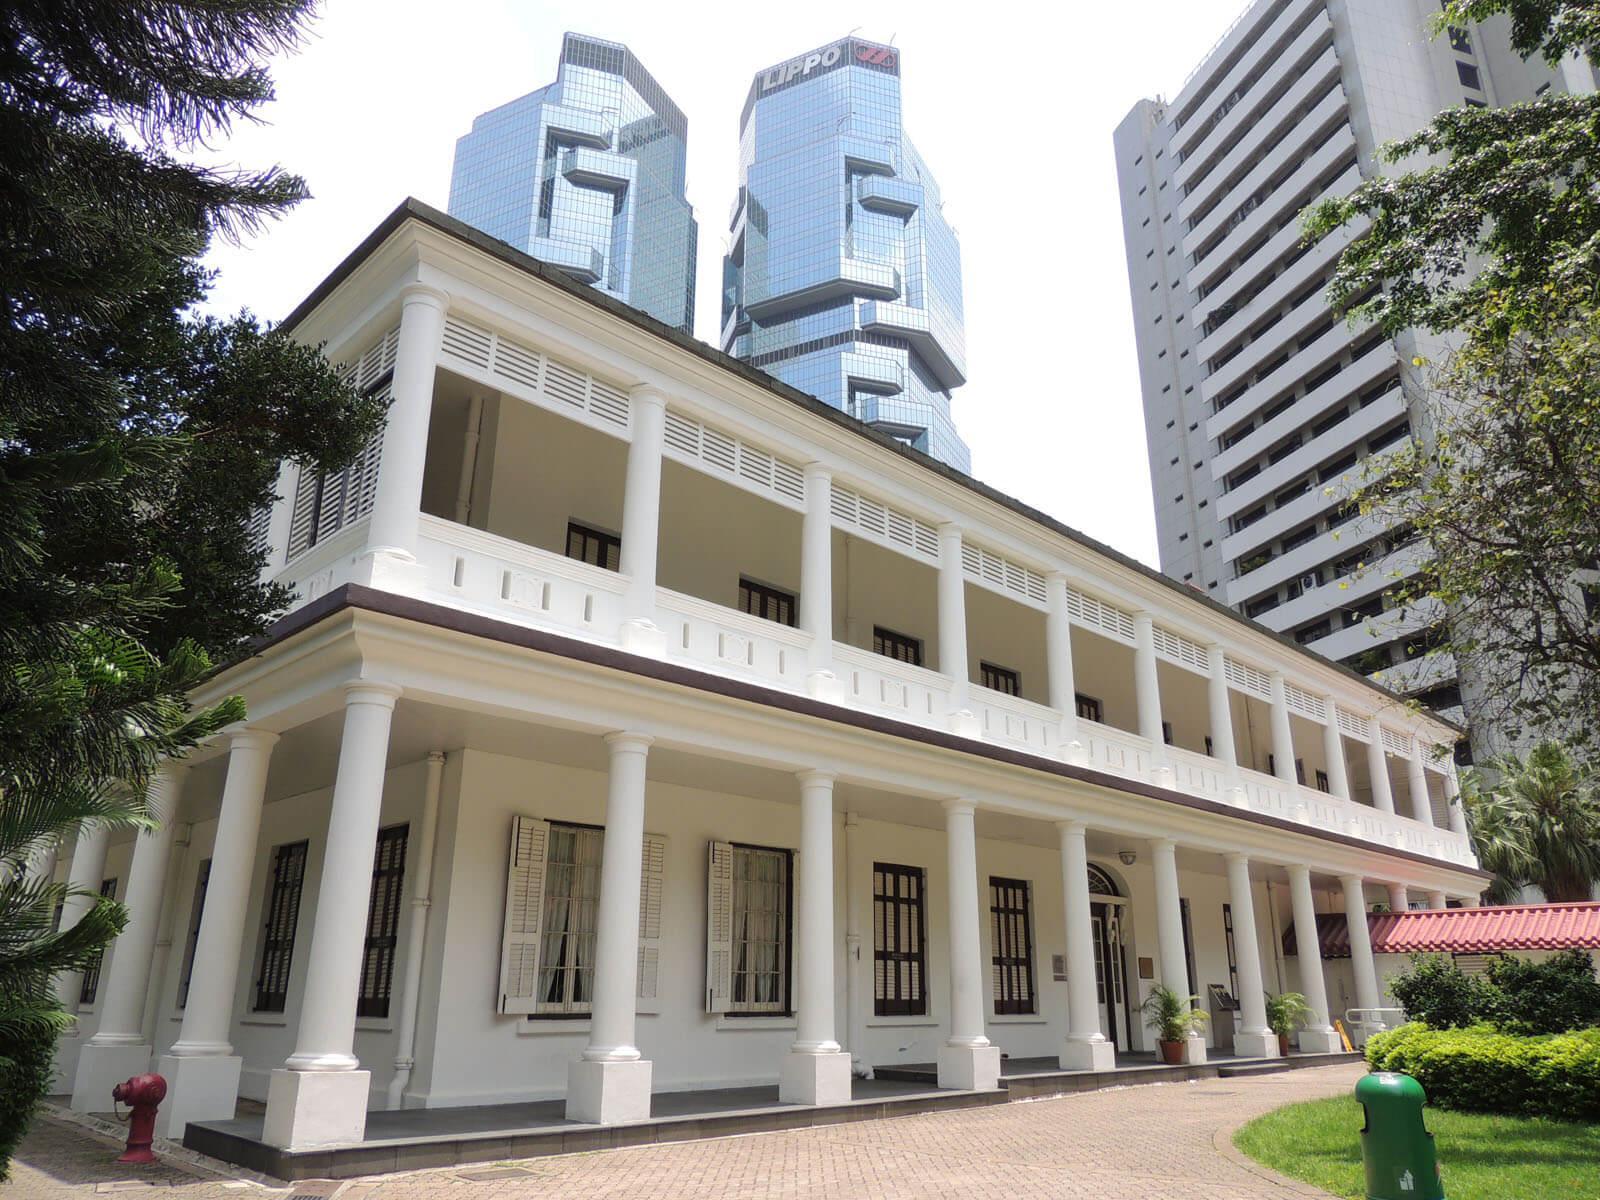 Это еще одно наследие англичан в Гонконге